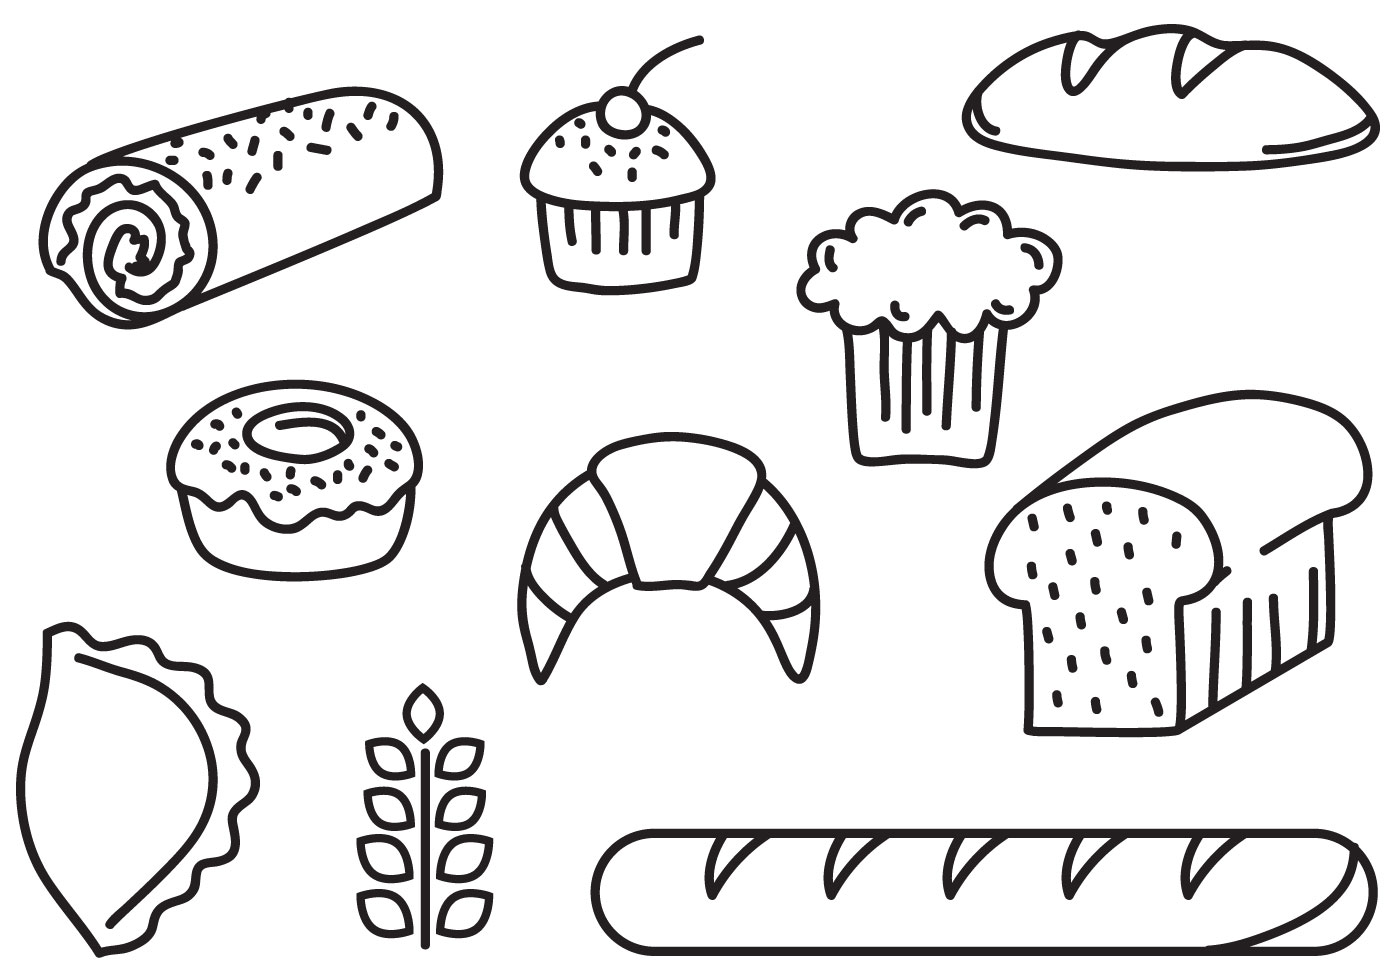 раскраска по теме хлеб что